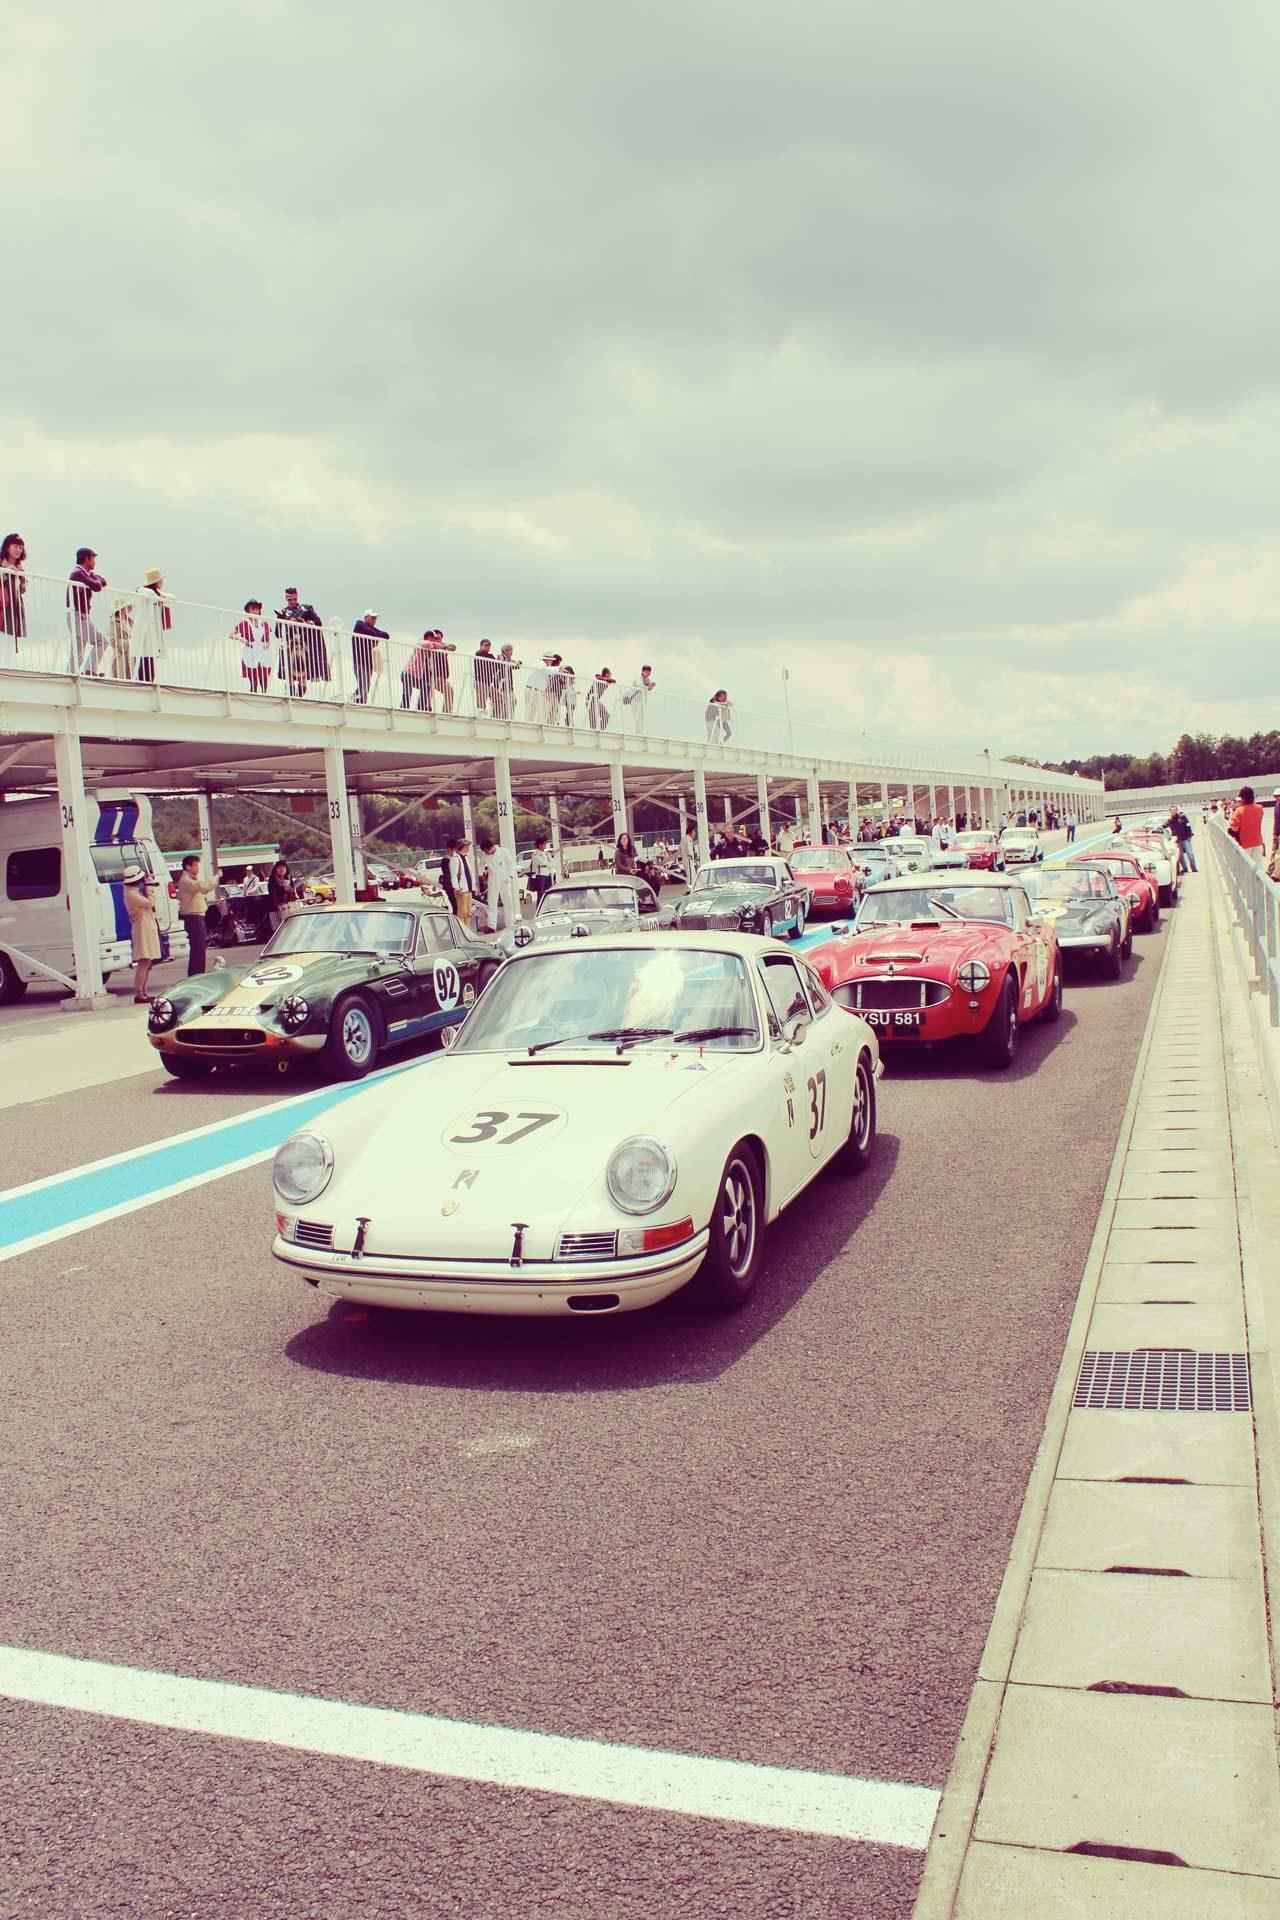 画像: ゼッケン37のポルシェは、往年の名ドライバーとして著名な生沢徹選手! 氏は「FESTIVAL of SIDEWAY TROPHY」の常連で、毎回ポルシェで素晴らしい走りを披露してくれます。モータースポーツファンを自認する人は必見です! ecossecars.jp